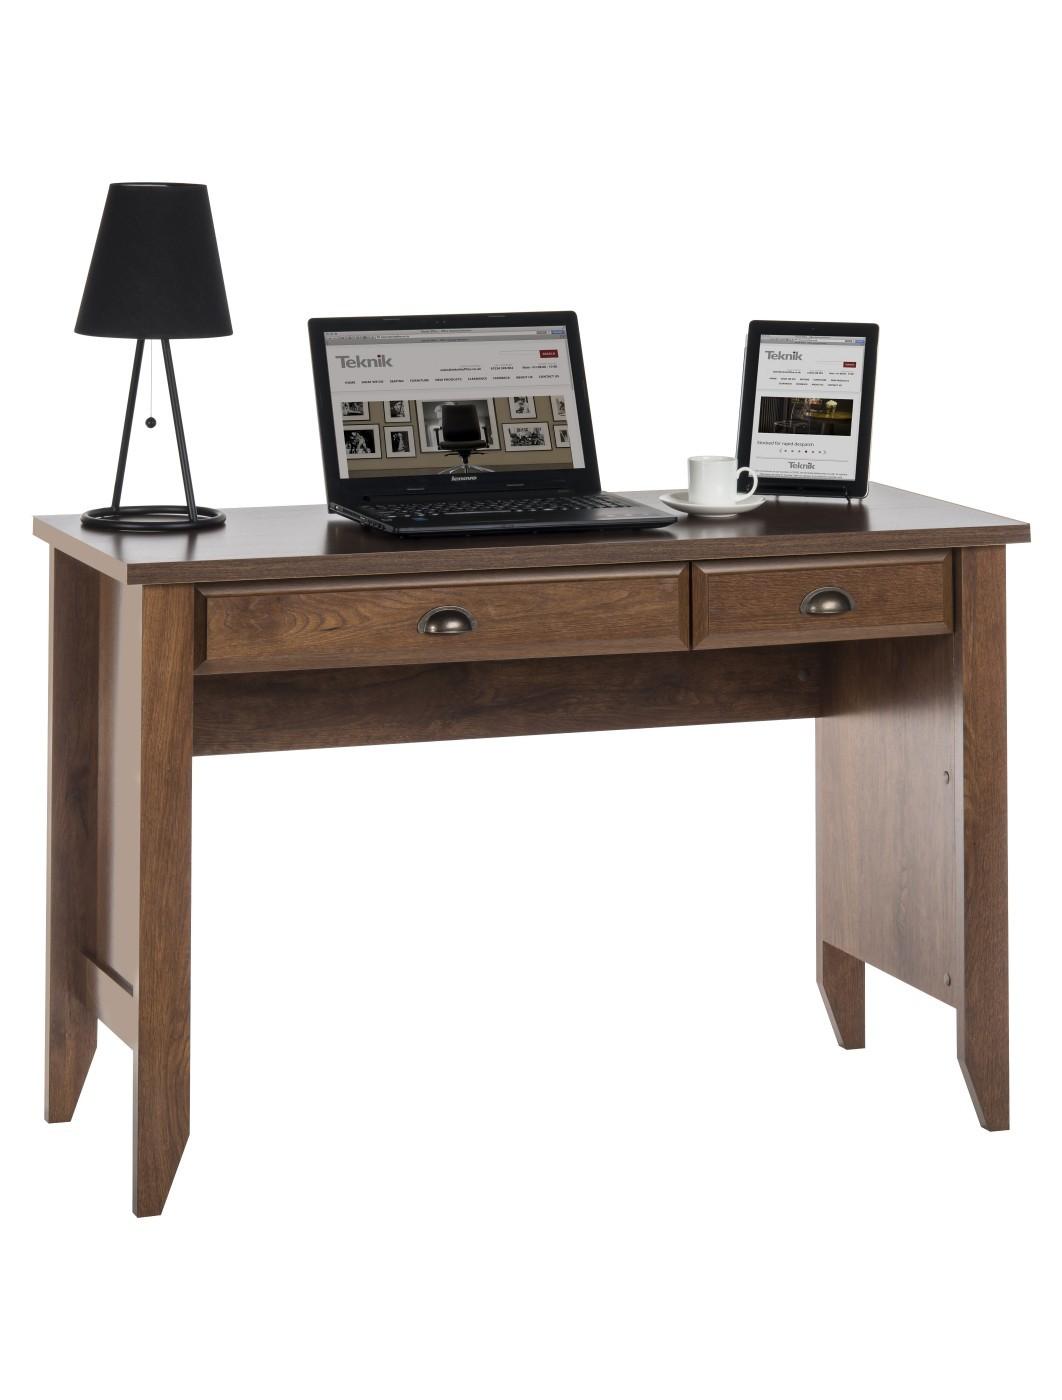 Home Office Furniture Uk Desk Set 18: Teknik Laptop Desk Oiled Oak 5410416